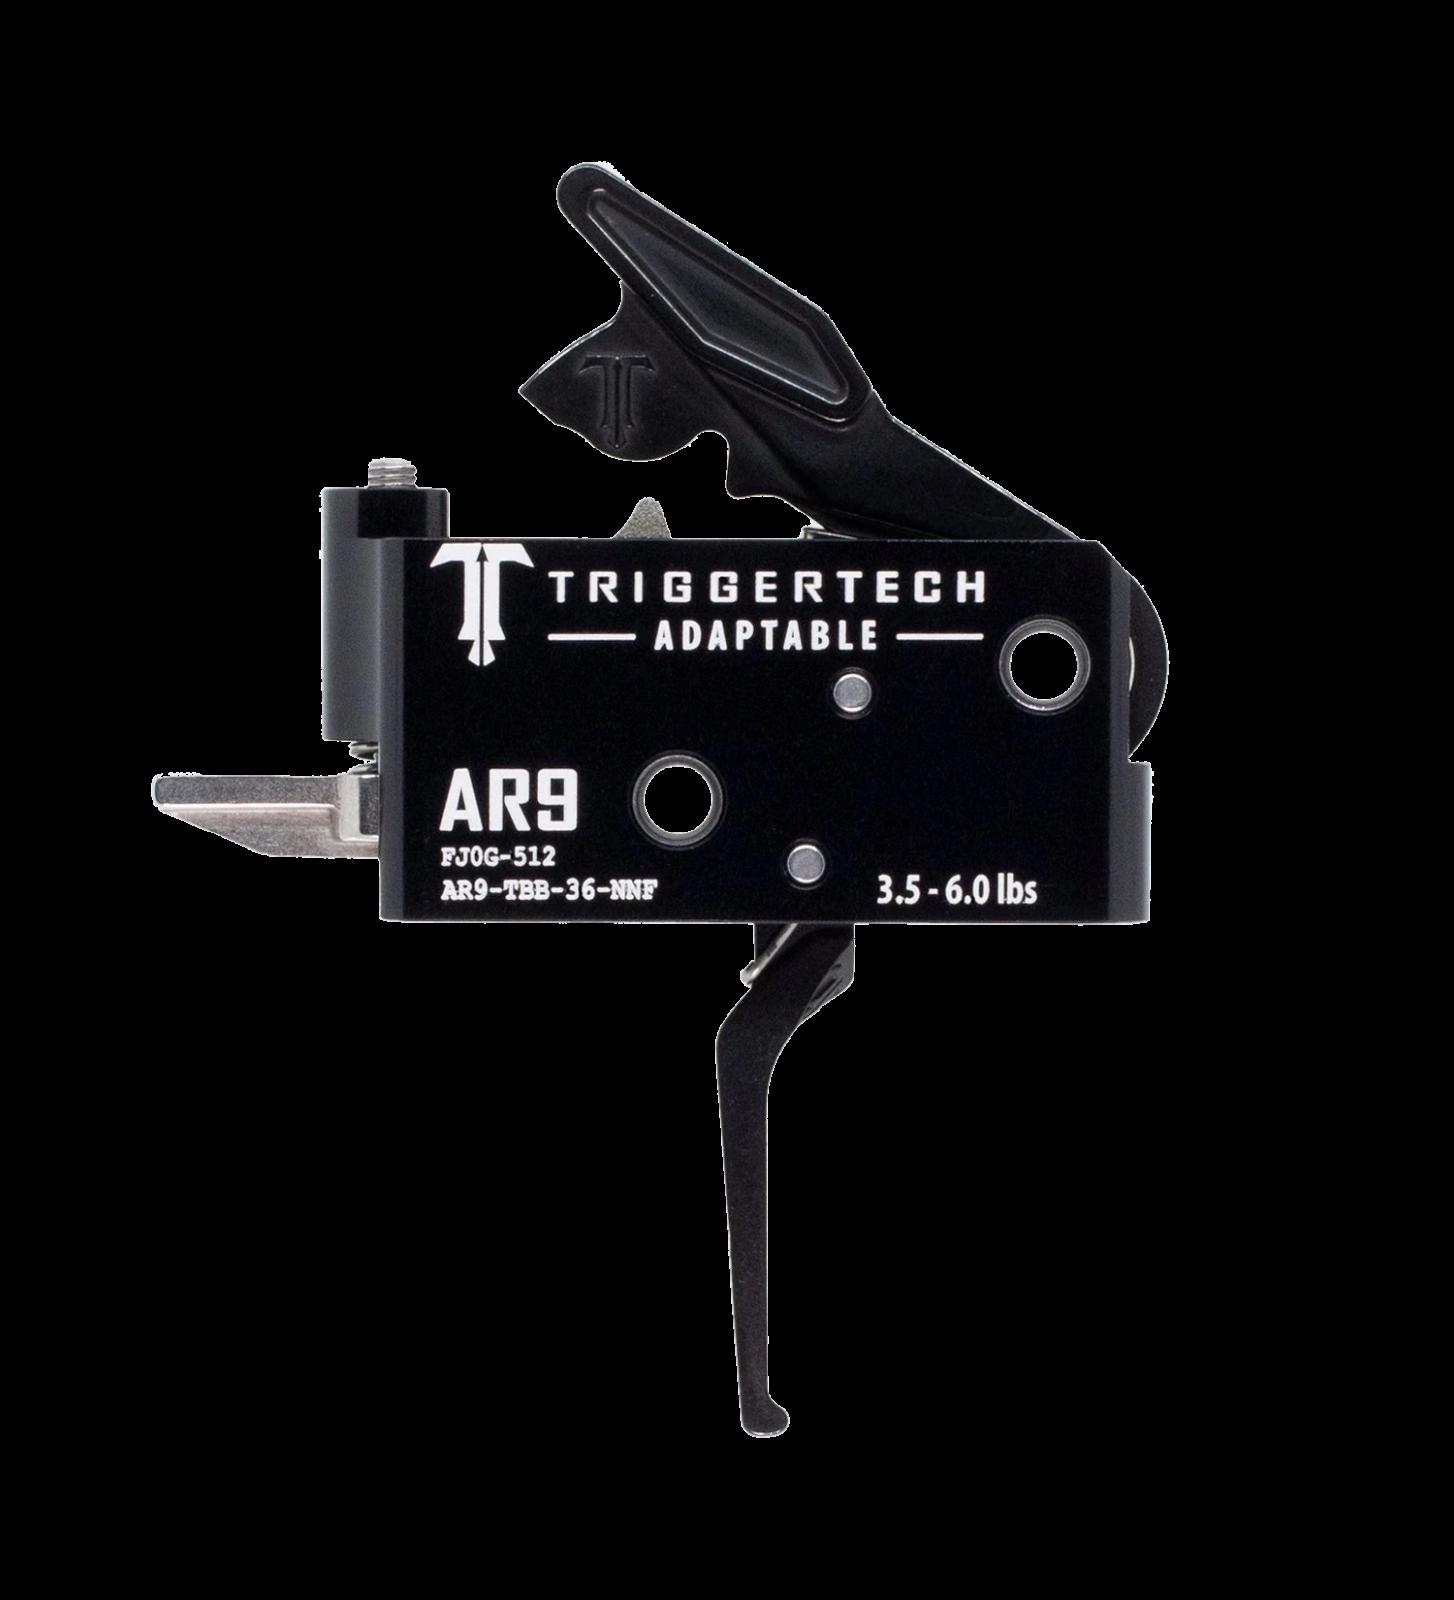 Spoušť TriggerTech AR9 Adaptable - rovná, černá